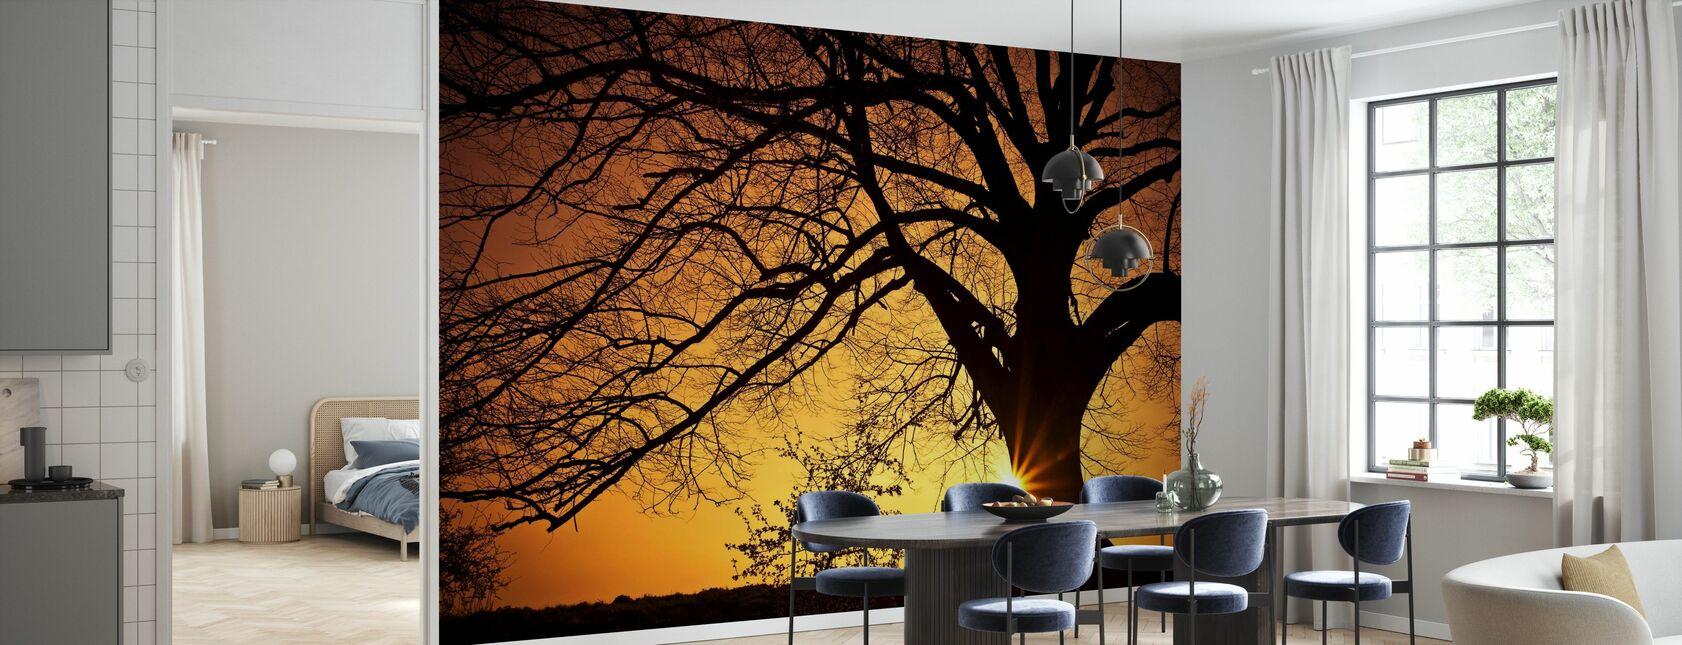 Silhouet van een wilgenboom in zonsondergang - Behang - Keuken